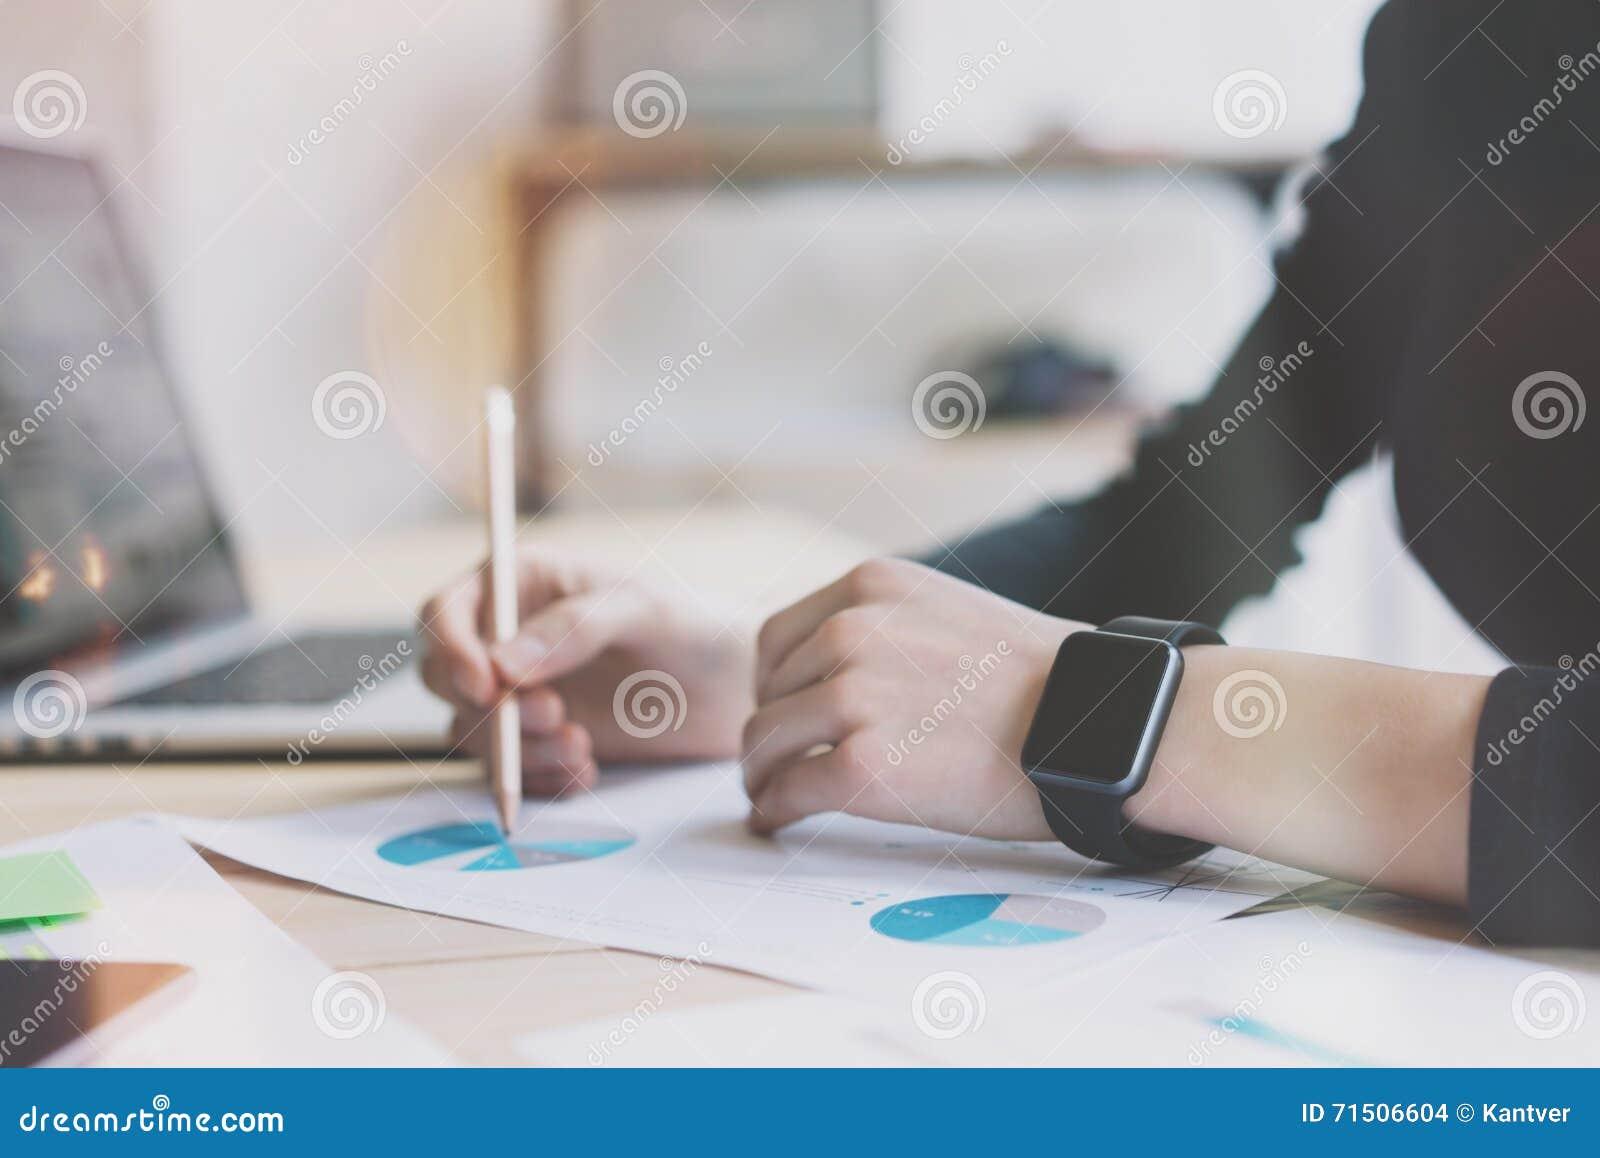 Девушка модель процесса работы с документами работа пушкин для девушек